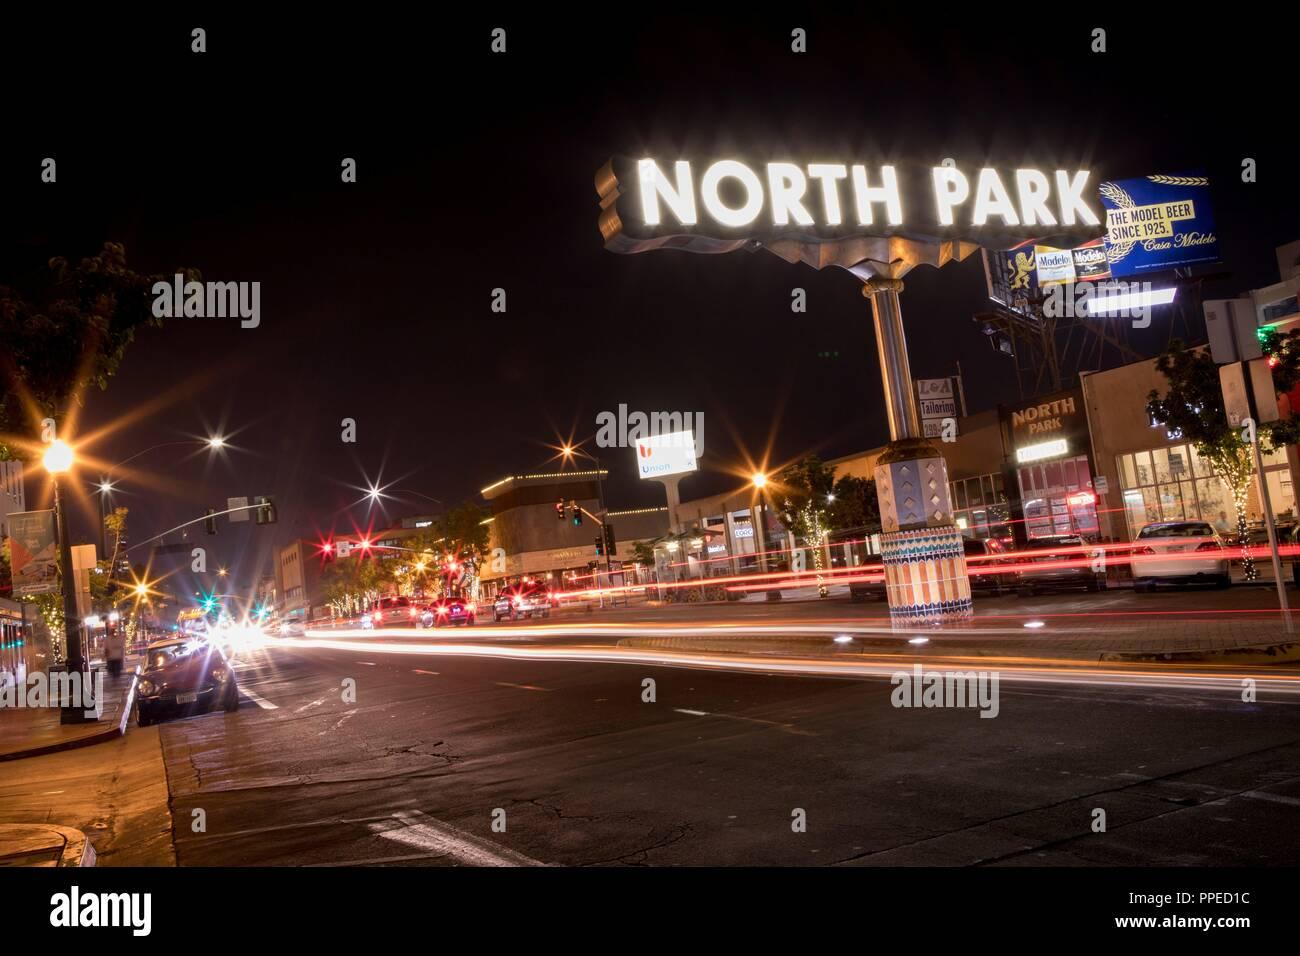 North Park Sign San Diego Stock Photos & North Park Sign San